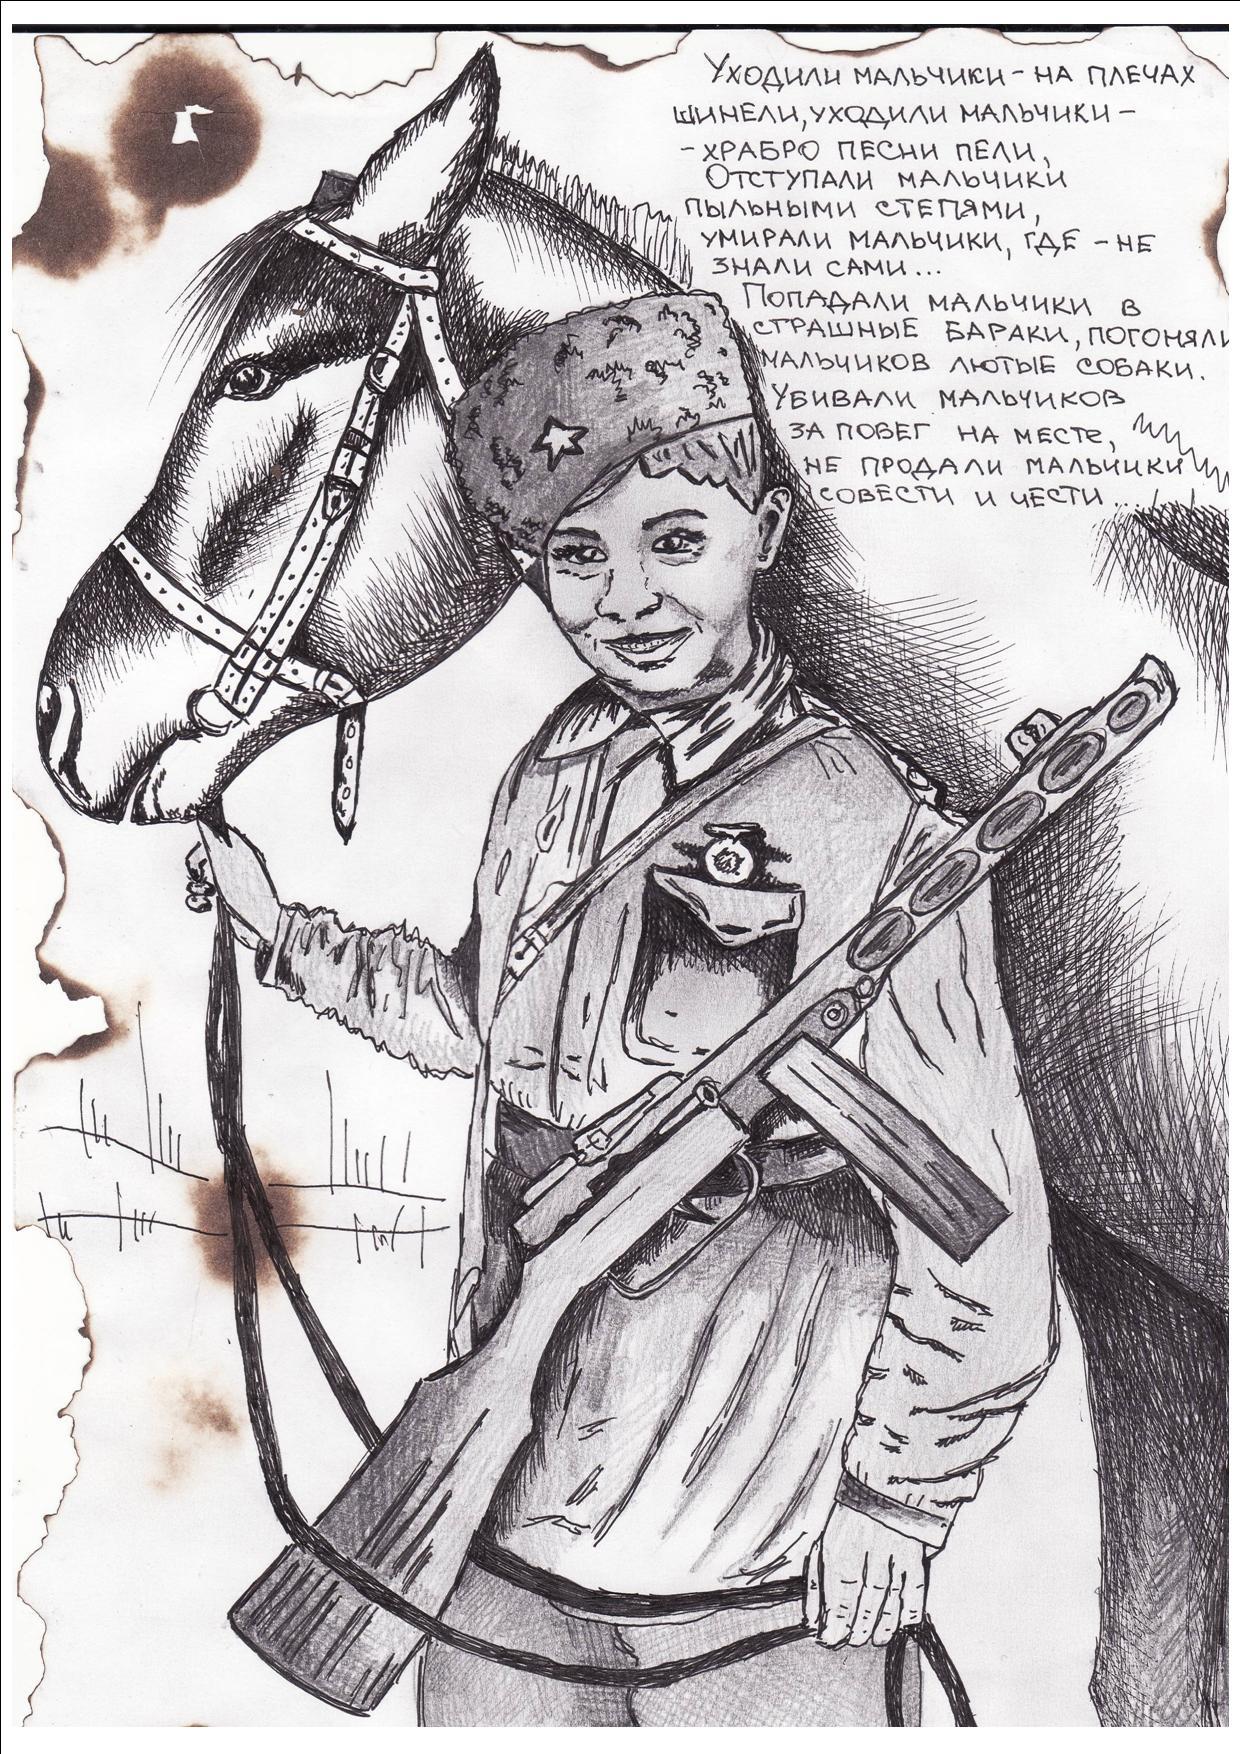 Почта России приглашает юных тверитян принять участие во Всероссийском творческом конкурсе «Спасибо маленькому герою»